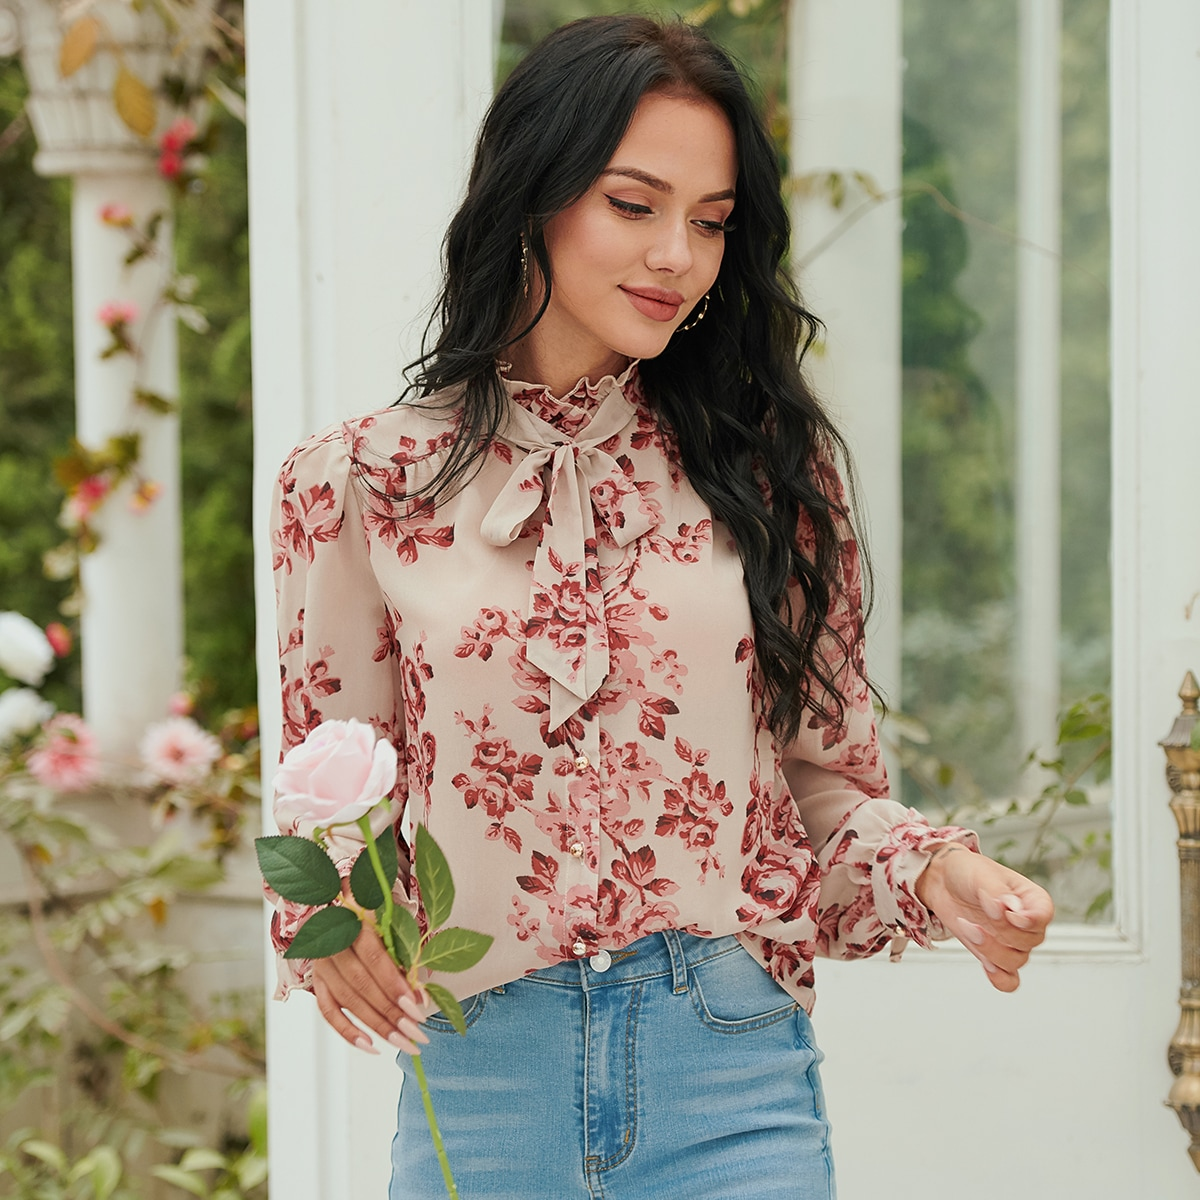 Блуза с цветочным рисунком с воротником-бантом с рукавами-воланами SheIn sw2106283704636477